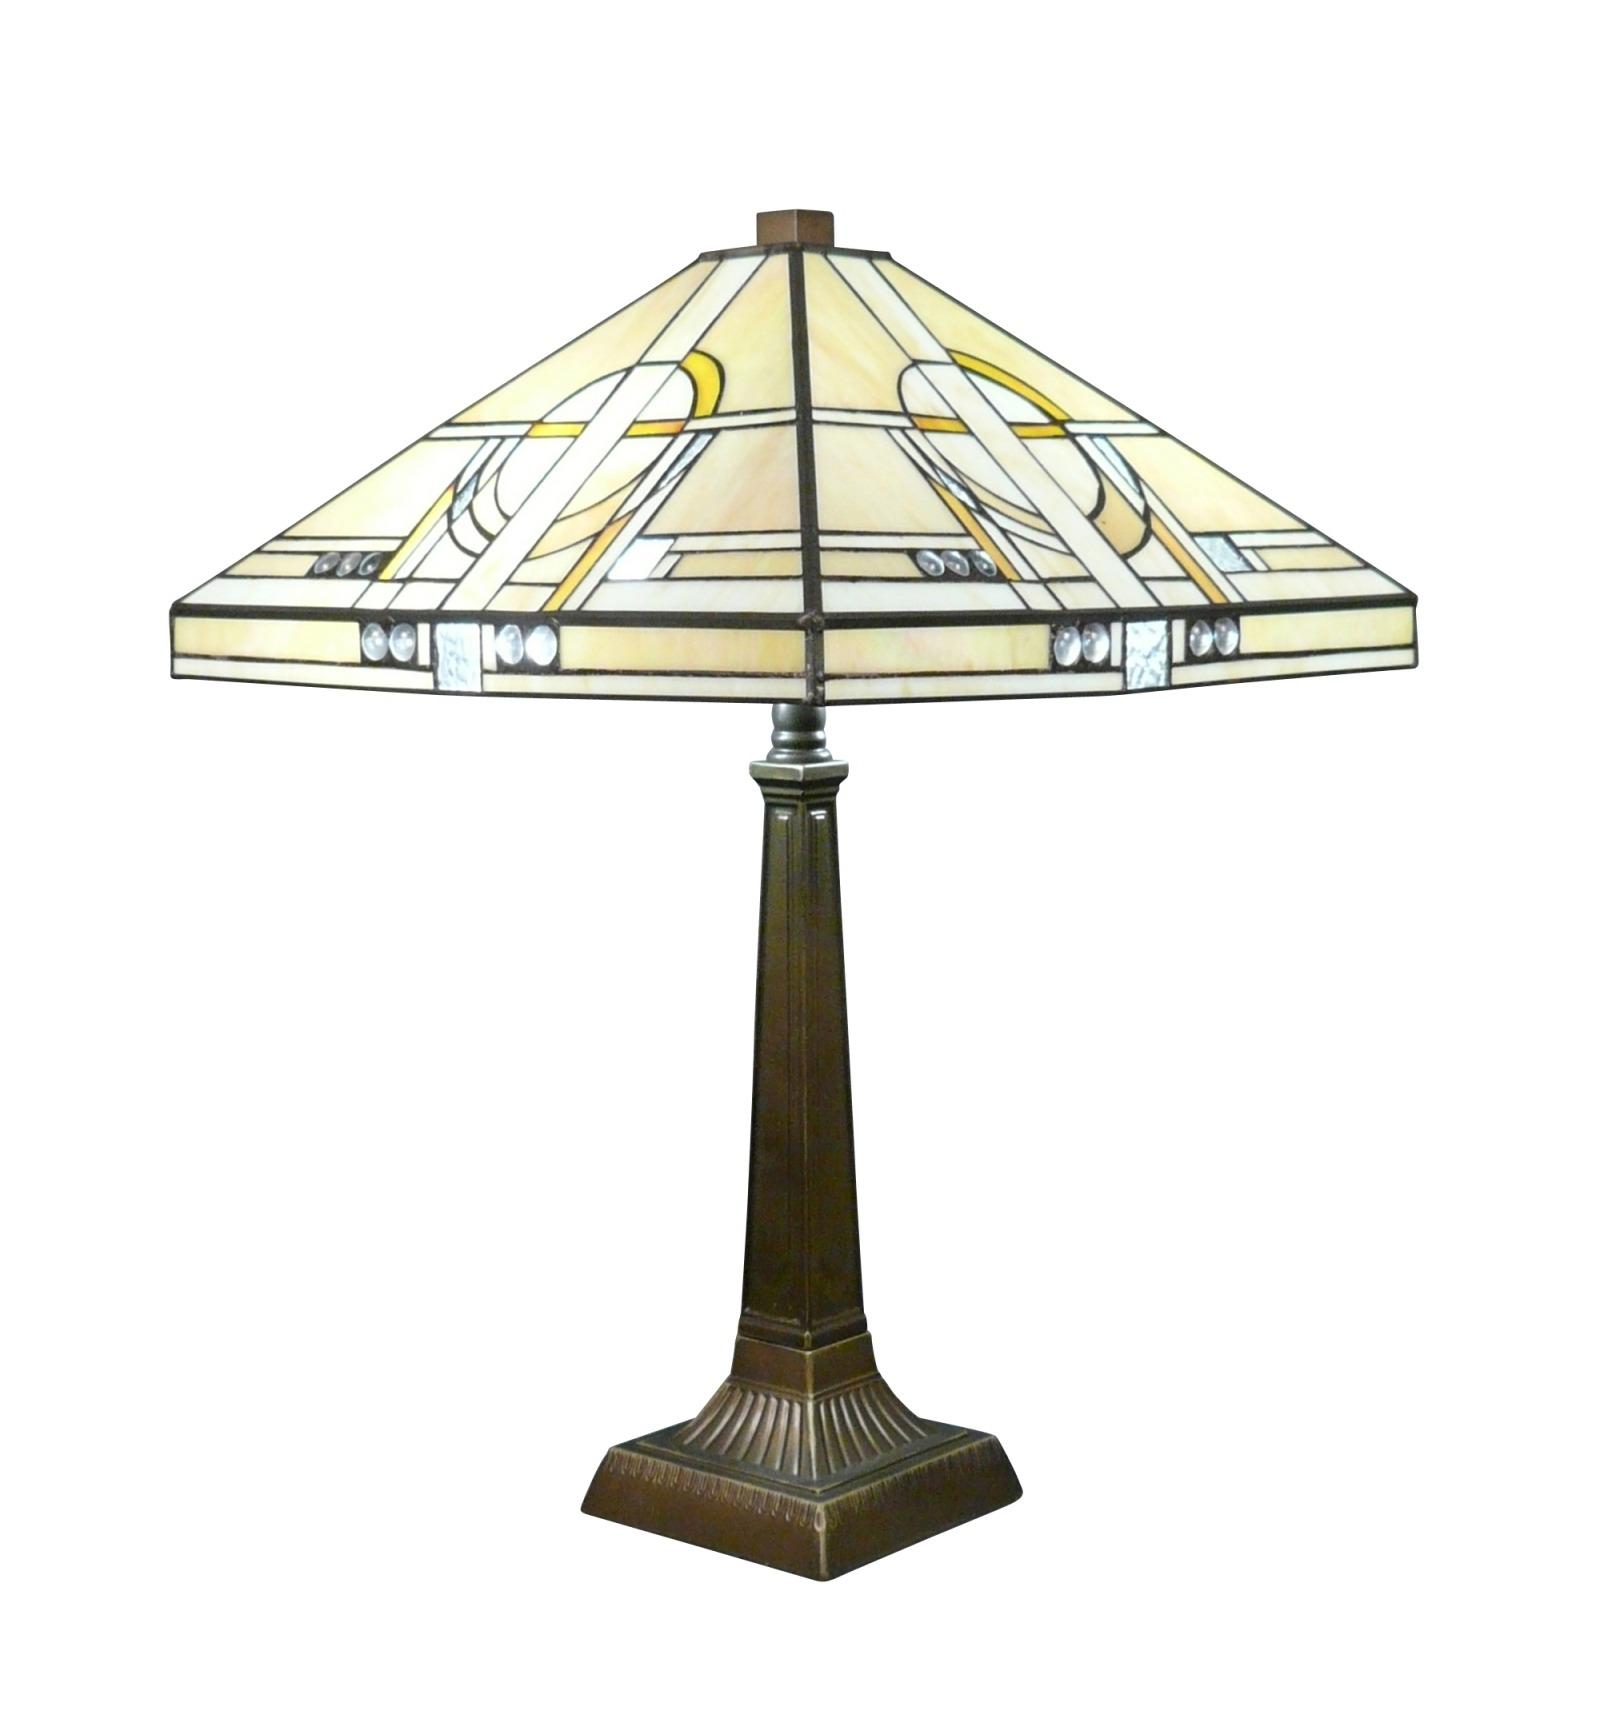 Tiffany Lampe Art Deco - Beleuchtung und Dekoration